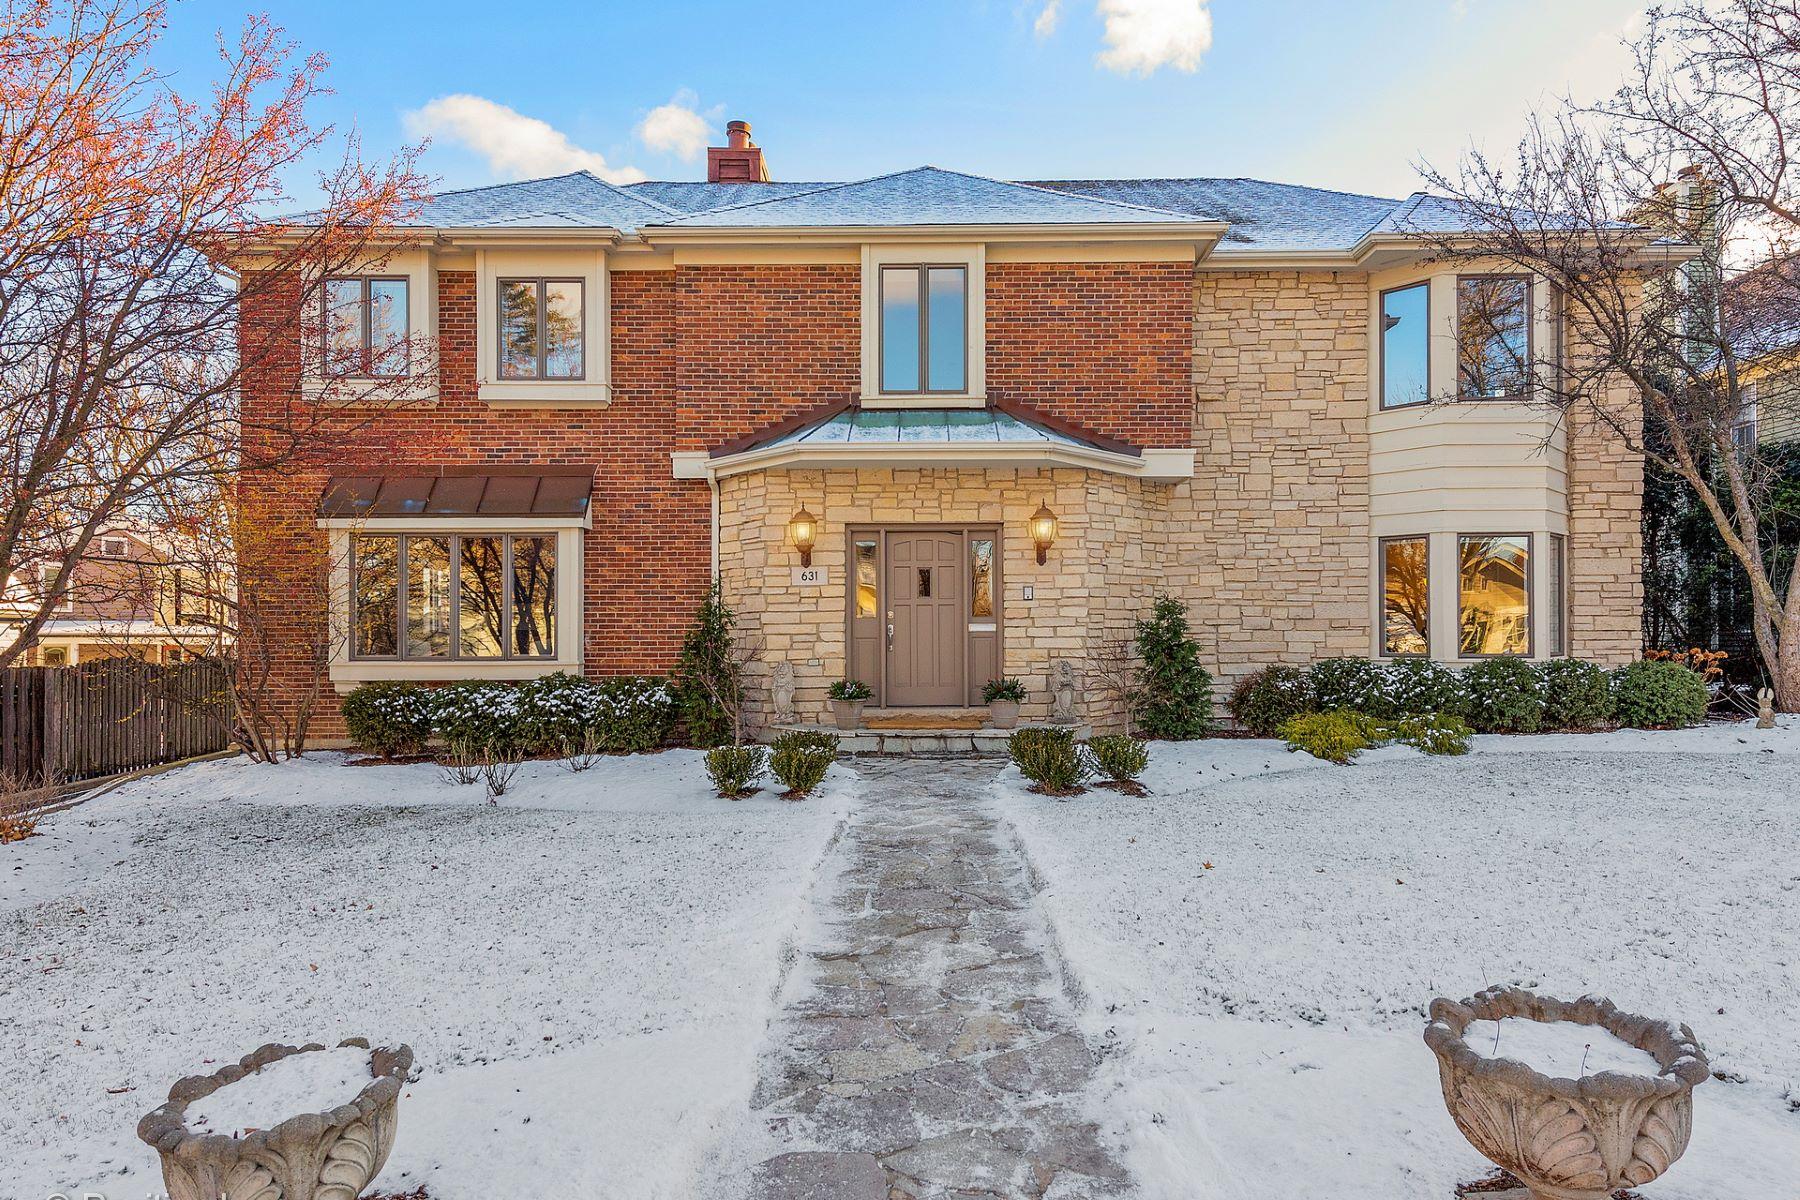 Casa Unifamiliar por un Venta en 631 N Lincoln Hinsdale, Illinois Hinsdale, Illinois, 60521 Estados Unidos